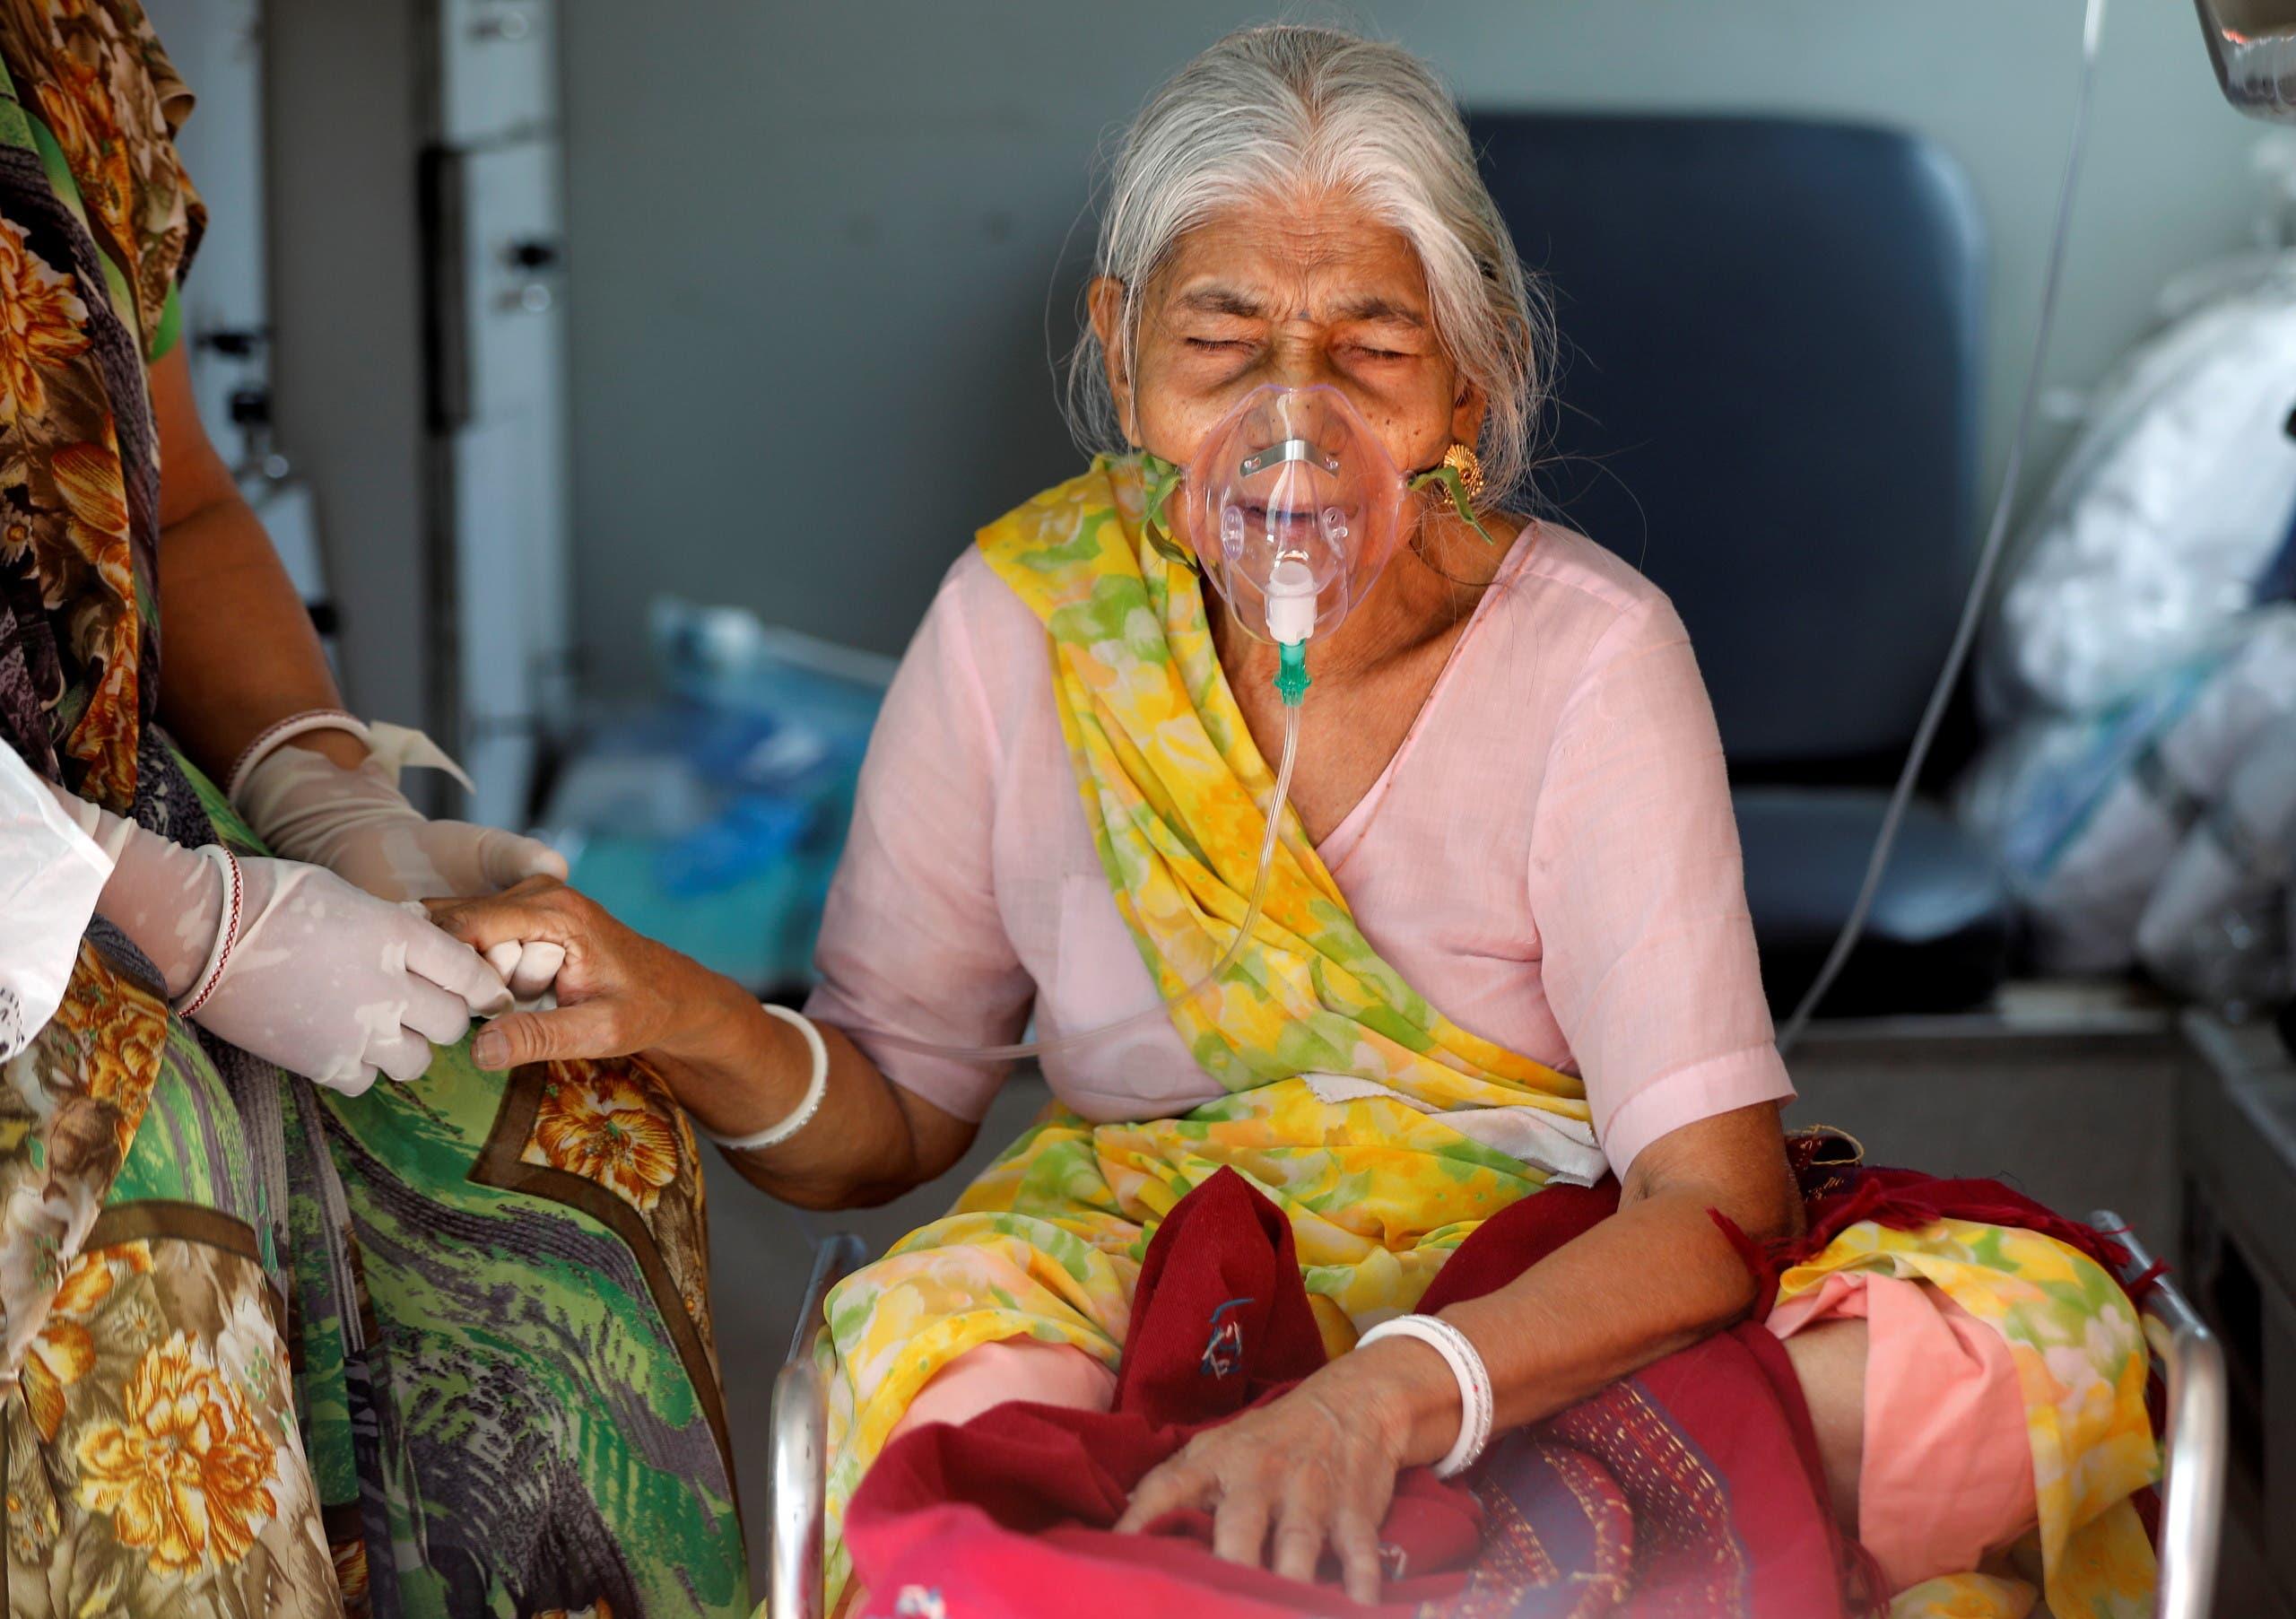 سيدة مصابة بكورونا تتلقى الأكسجين في أحمد آباد في الهند